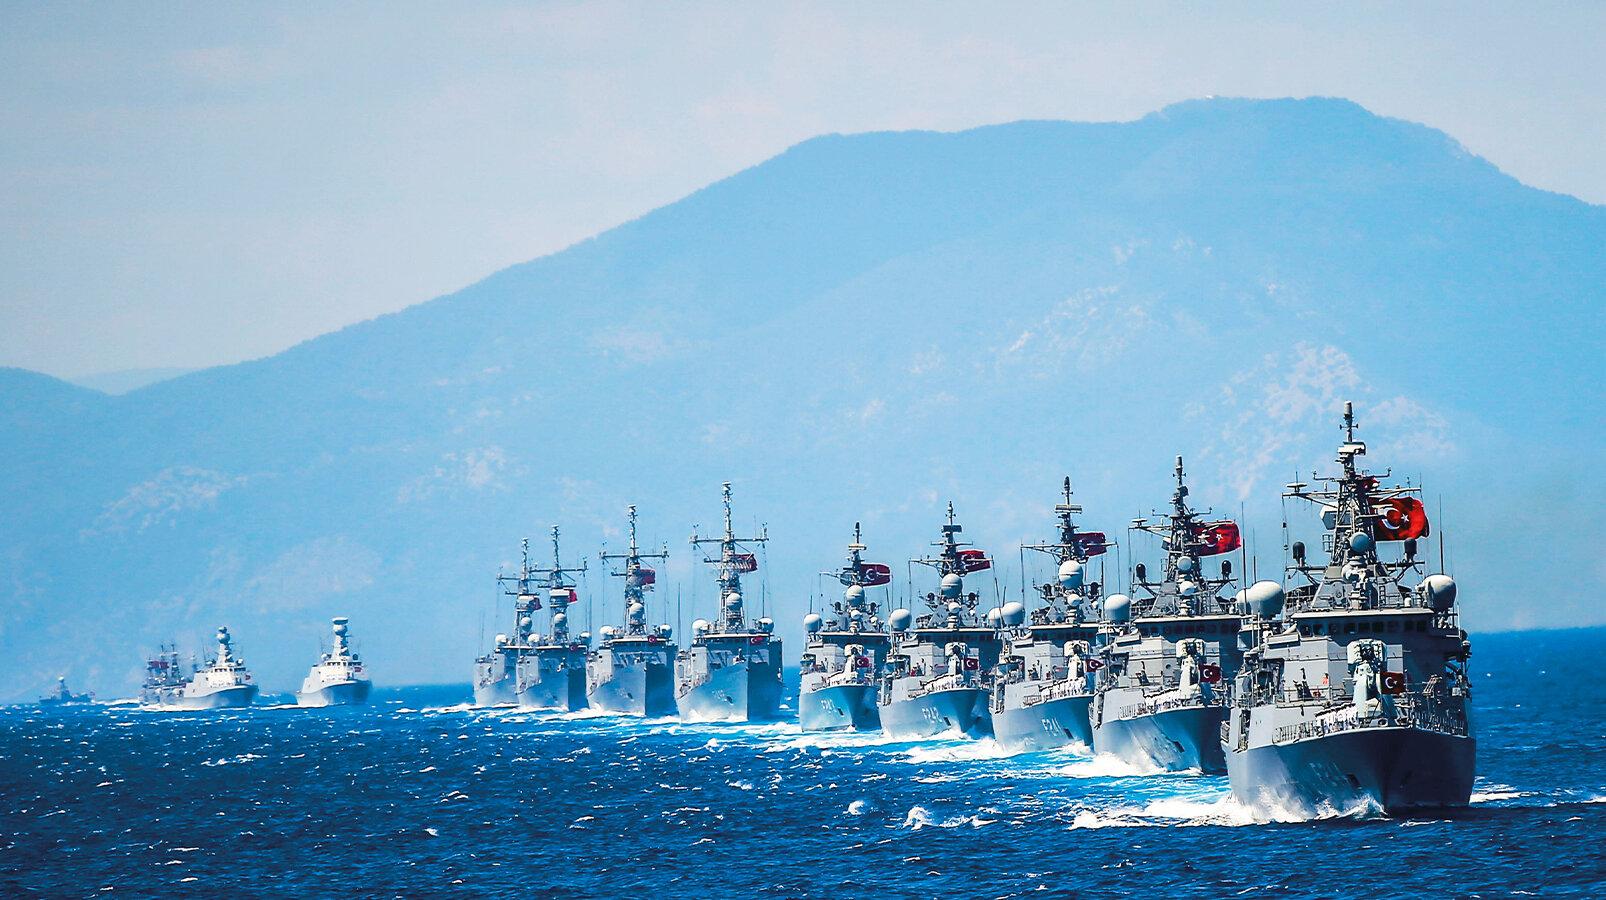 Mavi Vatan tescillendi! BM Türkiye-Libya Deniz Sınırı Anlaşmasını onayladı